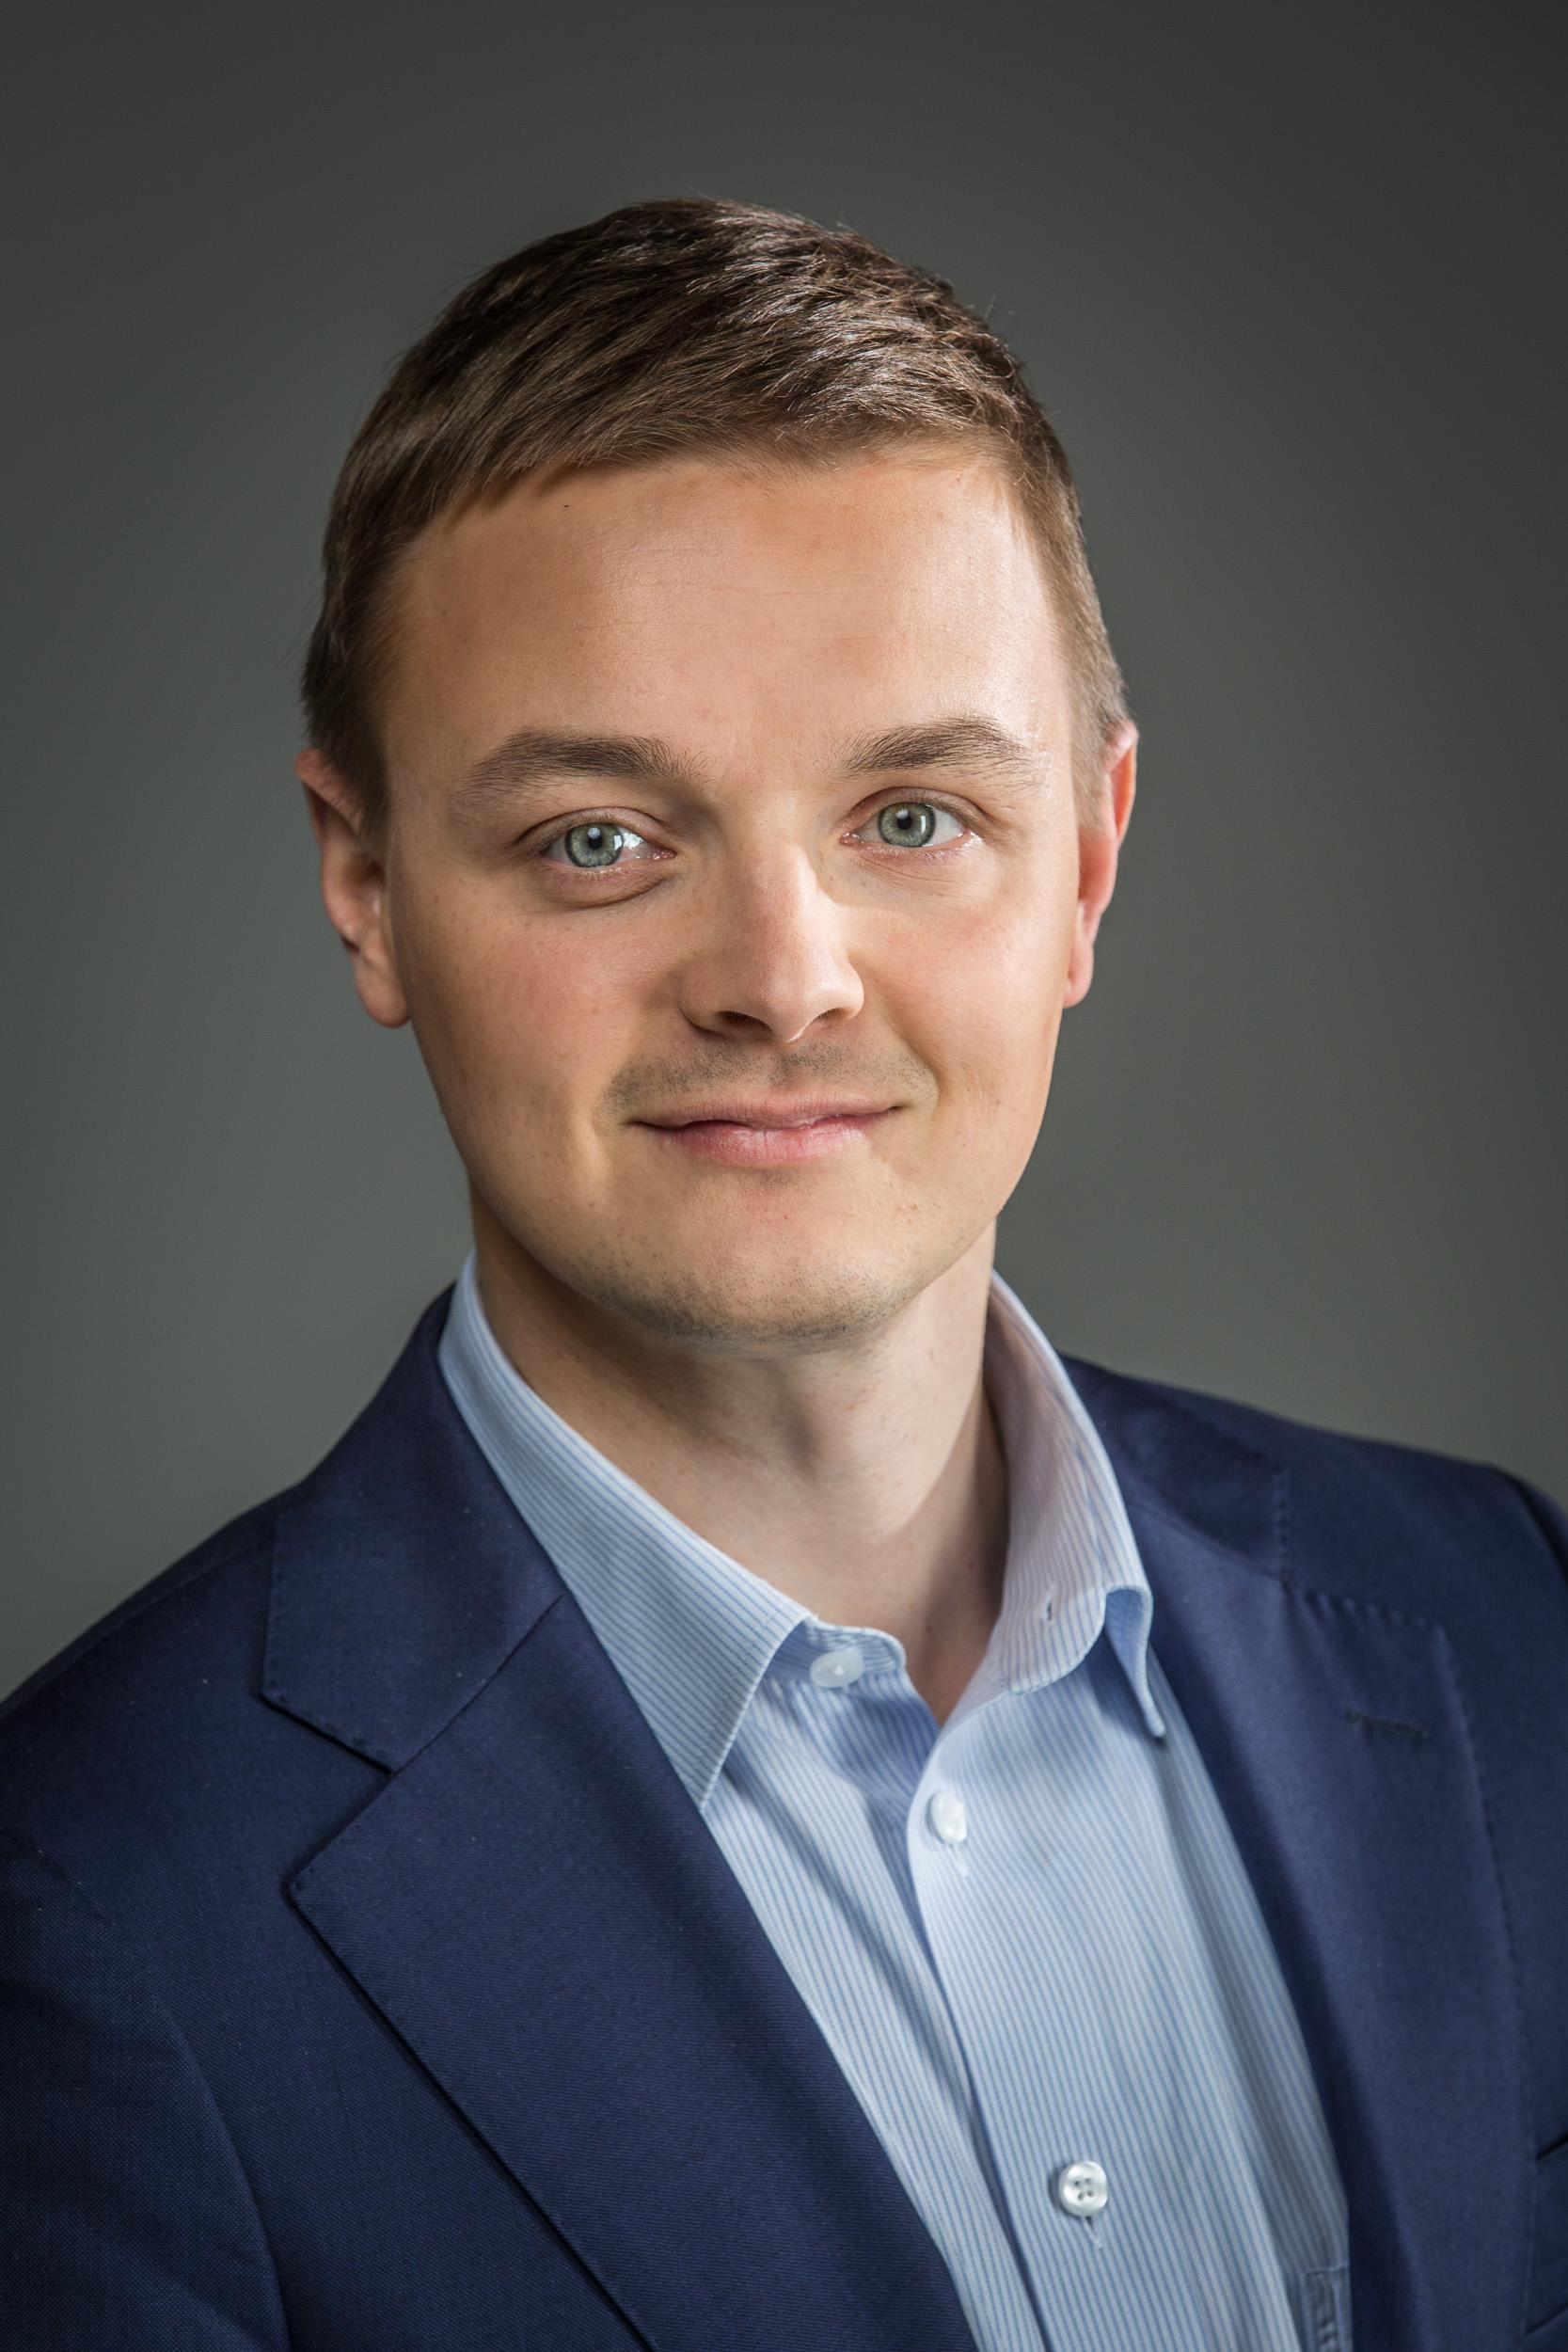 Pekka Rouhiainen